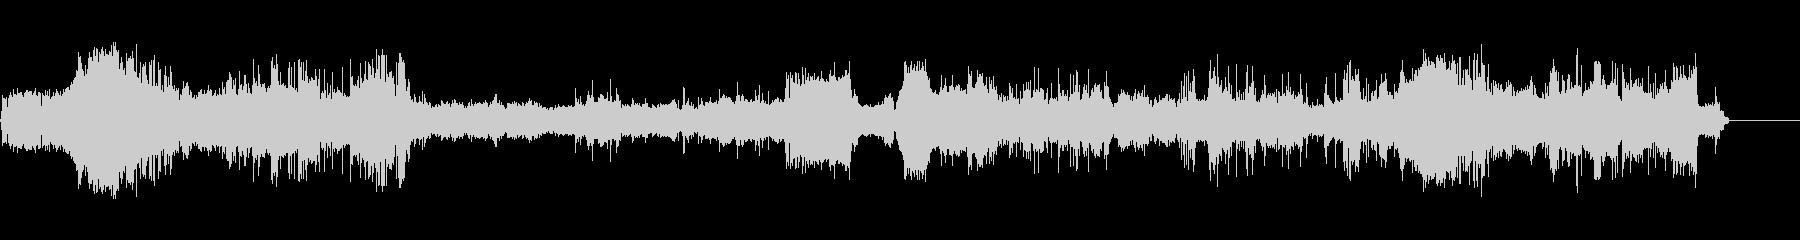 コンピューターインテリアBの未再生の波形